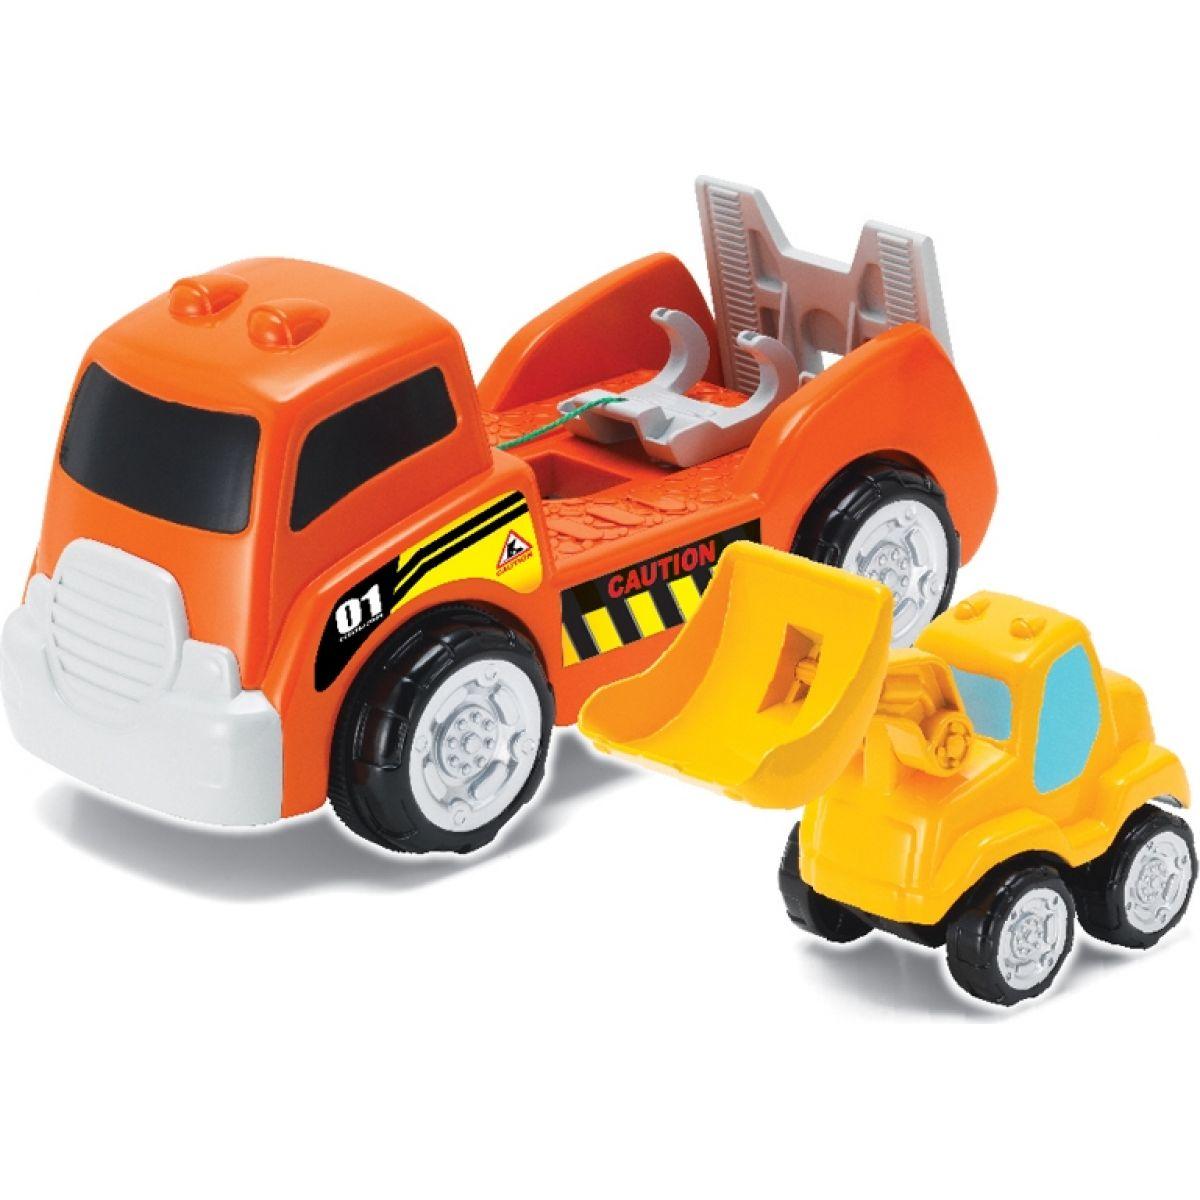 Keenway Přepravní auto s bagrem